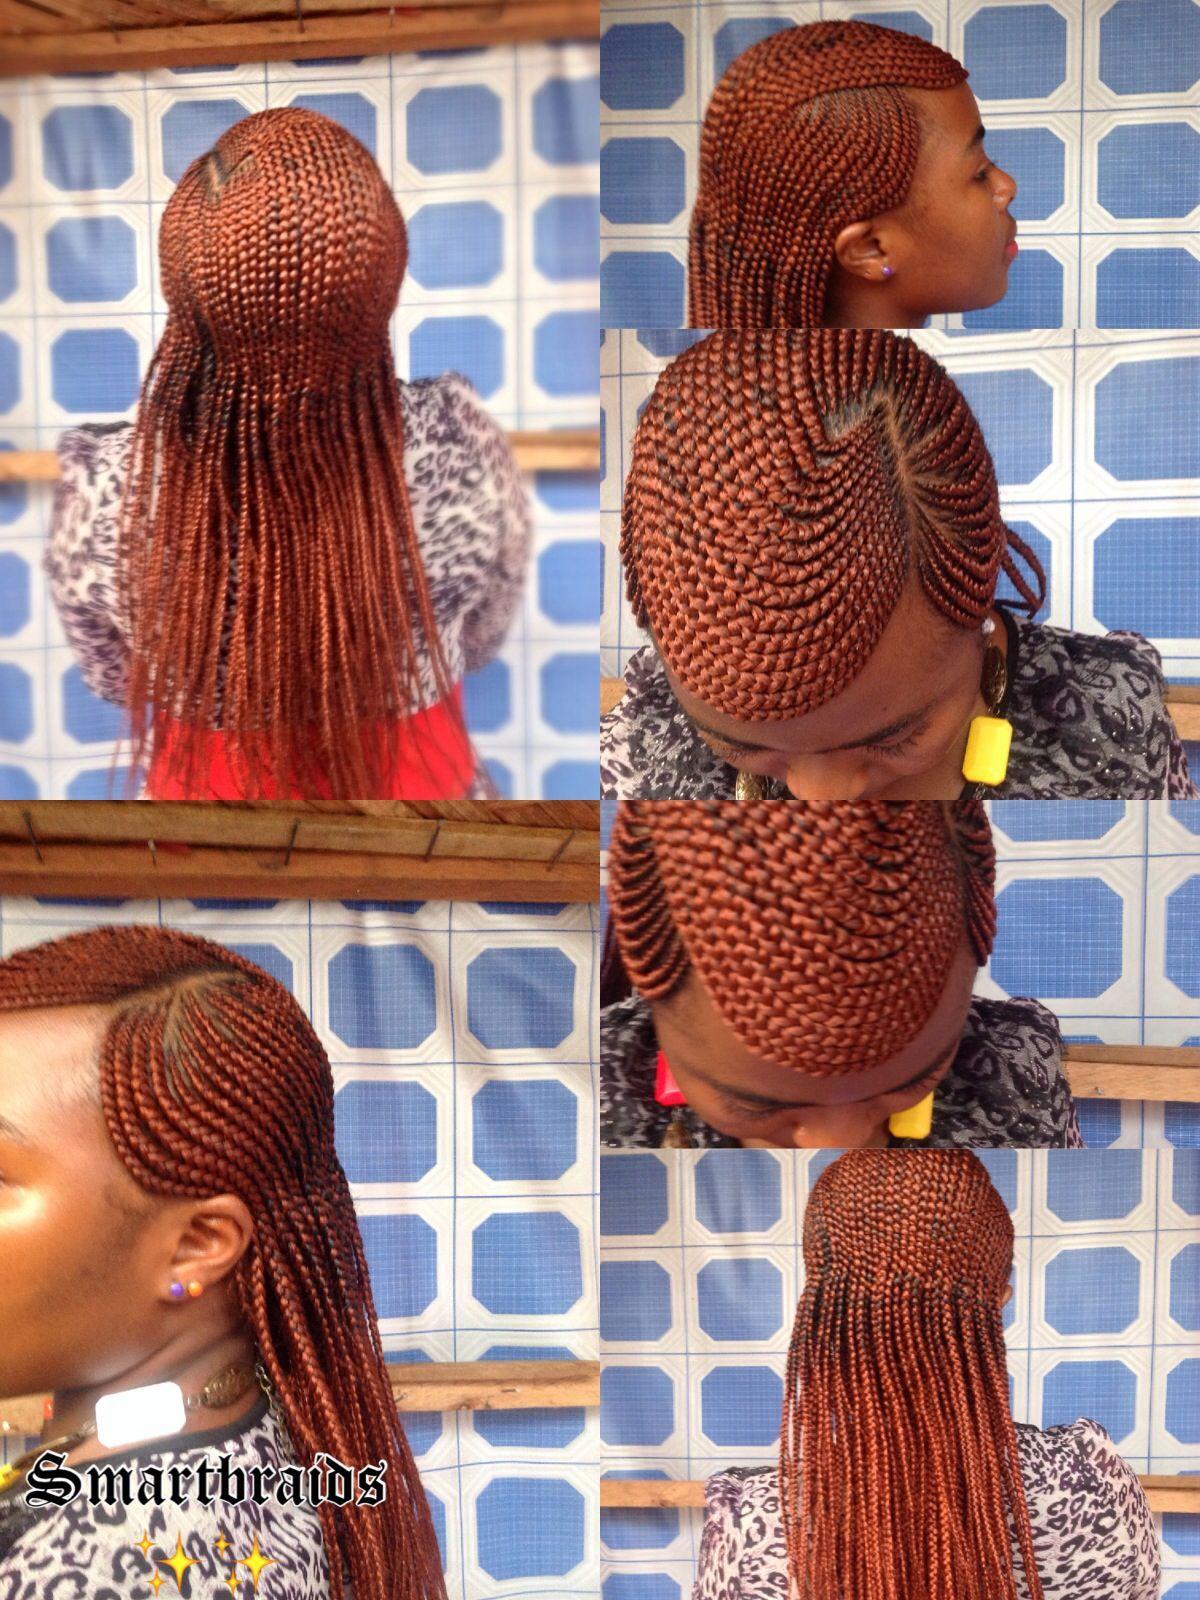 pingl par chandrele telemanou sur bimbo pinterest coiffure afro et tresses africaines. Black Bedroom Furniture Sets. Home Design Ideas